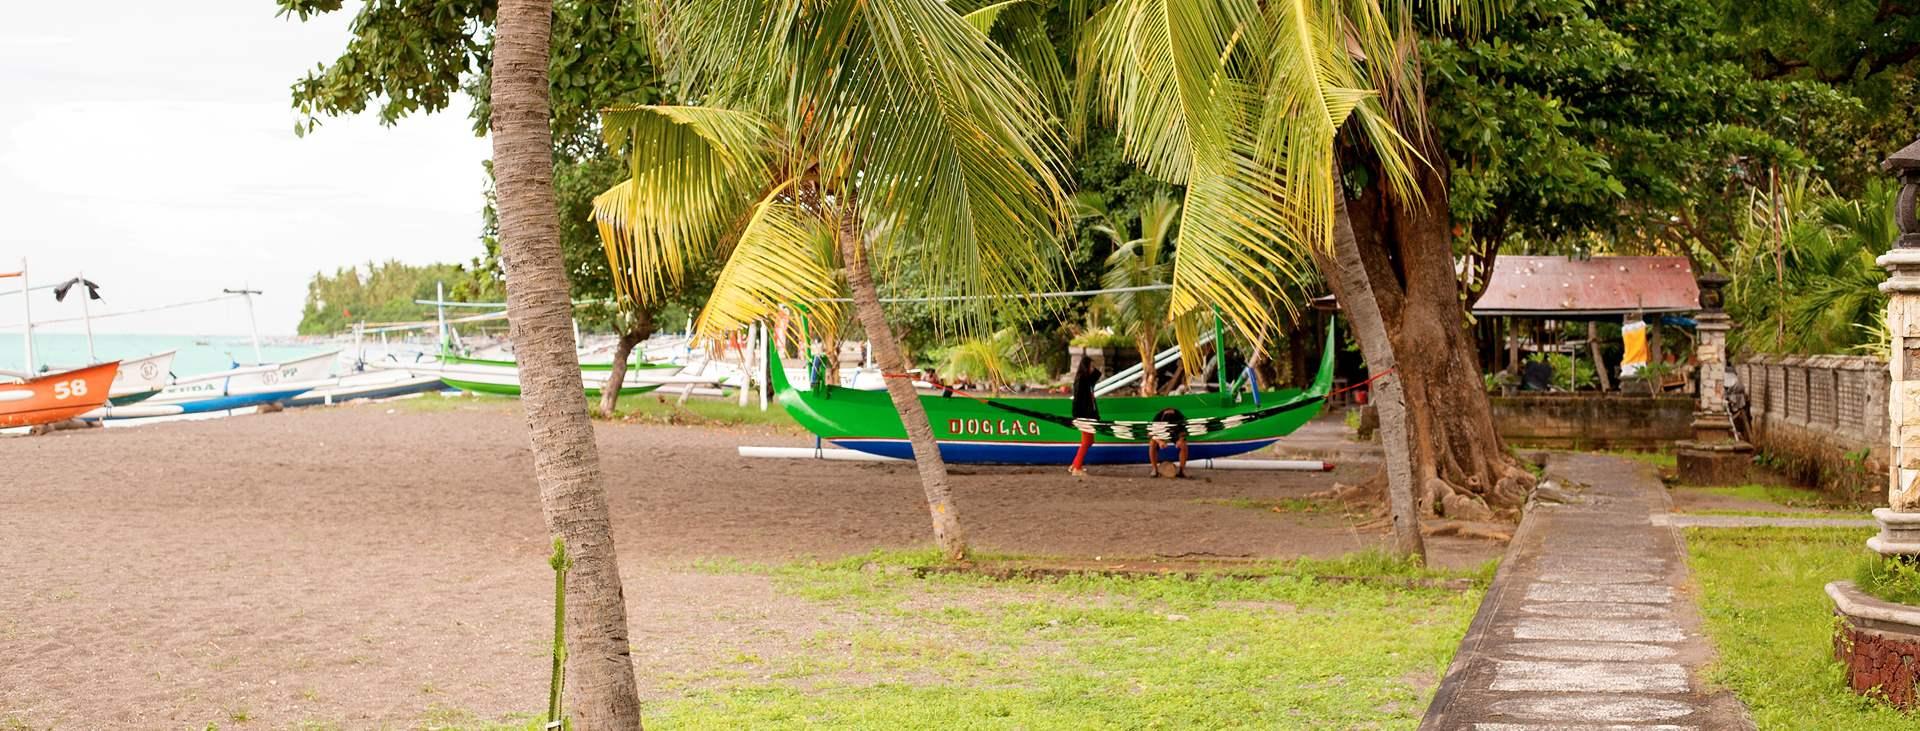 Bestill en reise til Lovina Beach på Bali med Ving